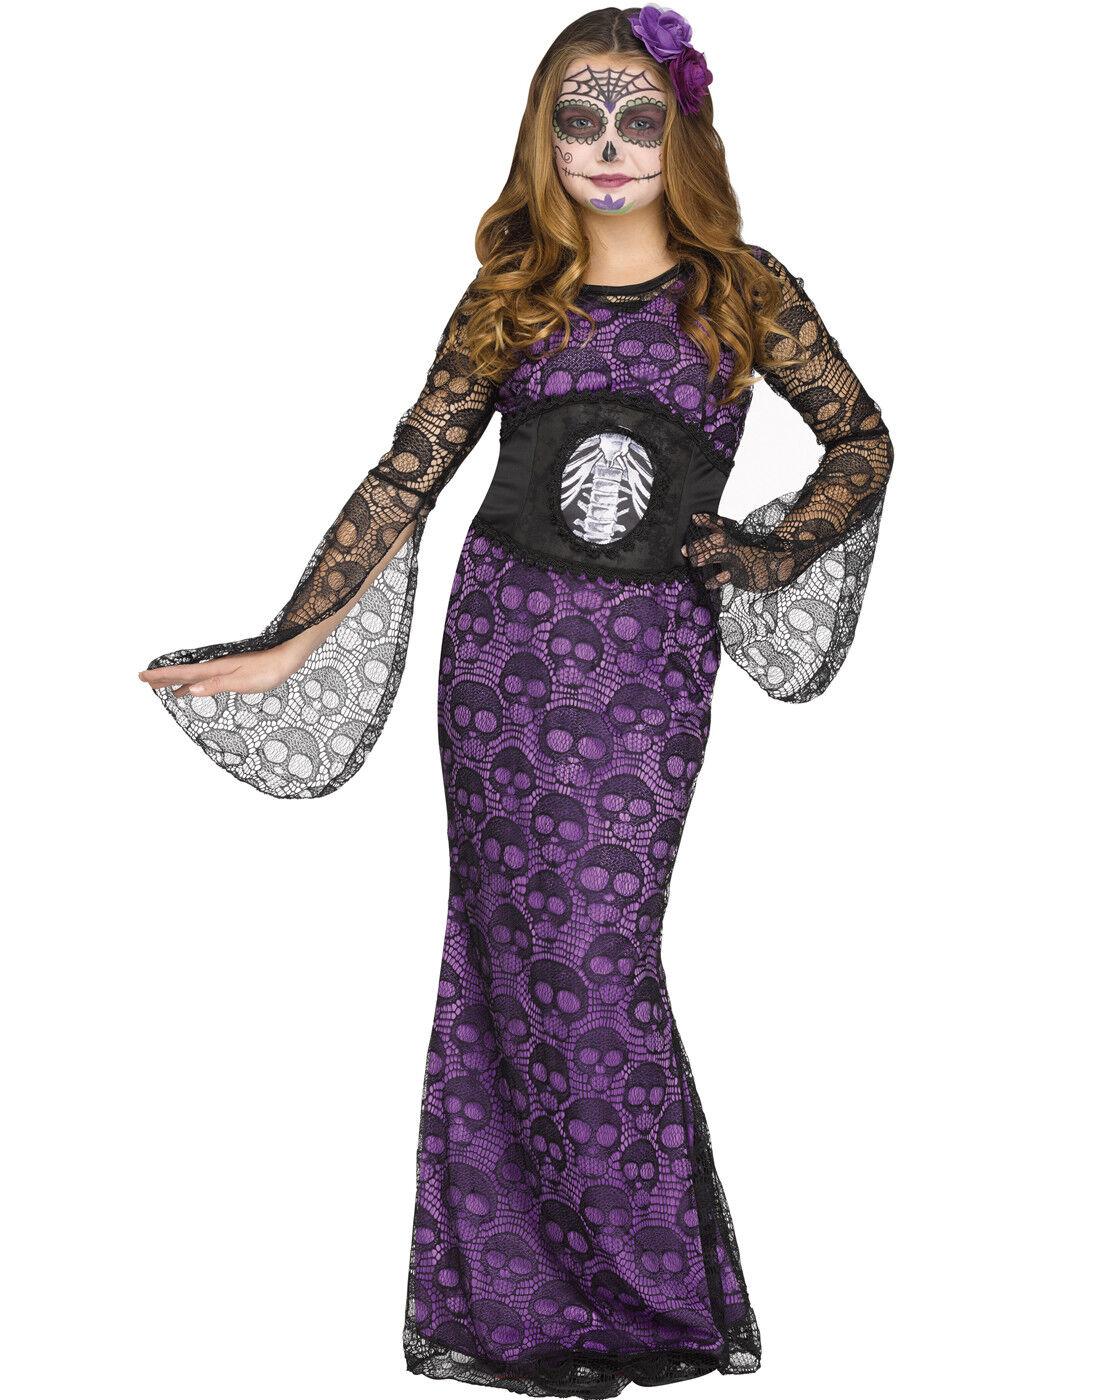 La Muerte Mädchen Tag der Toten Geliebte Halloween Kostüm Kostüm Kostüm | Starker Wert  | Online Kaufen  | Lass unsere Waren in die Welt gehen  495cdd